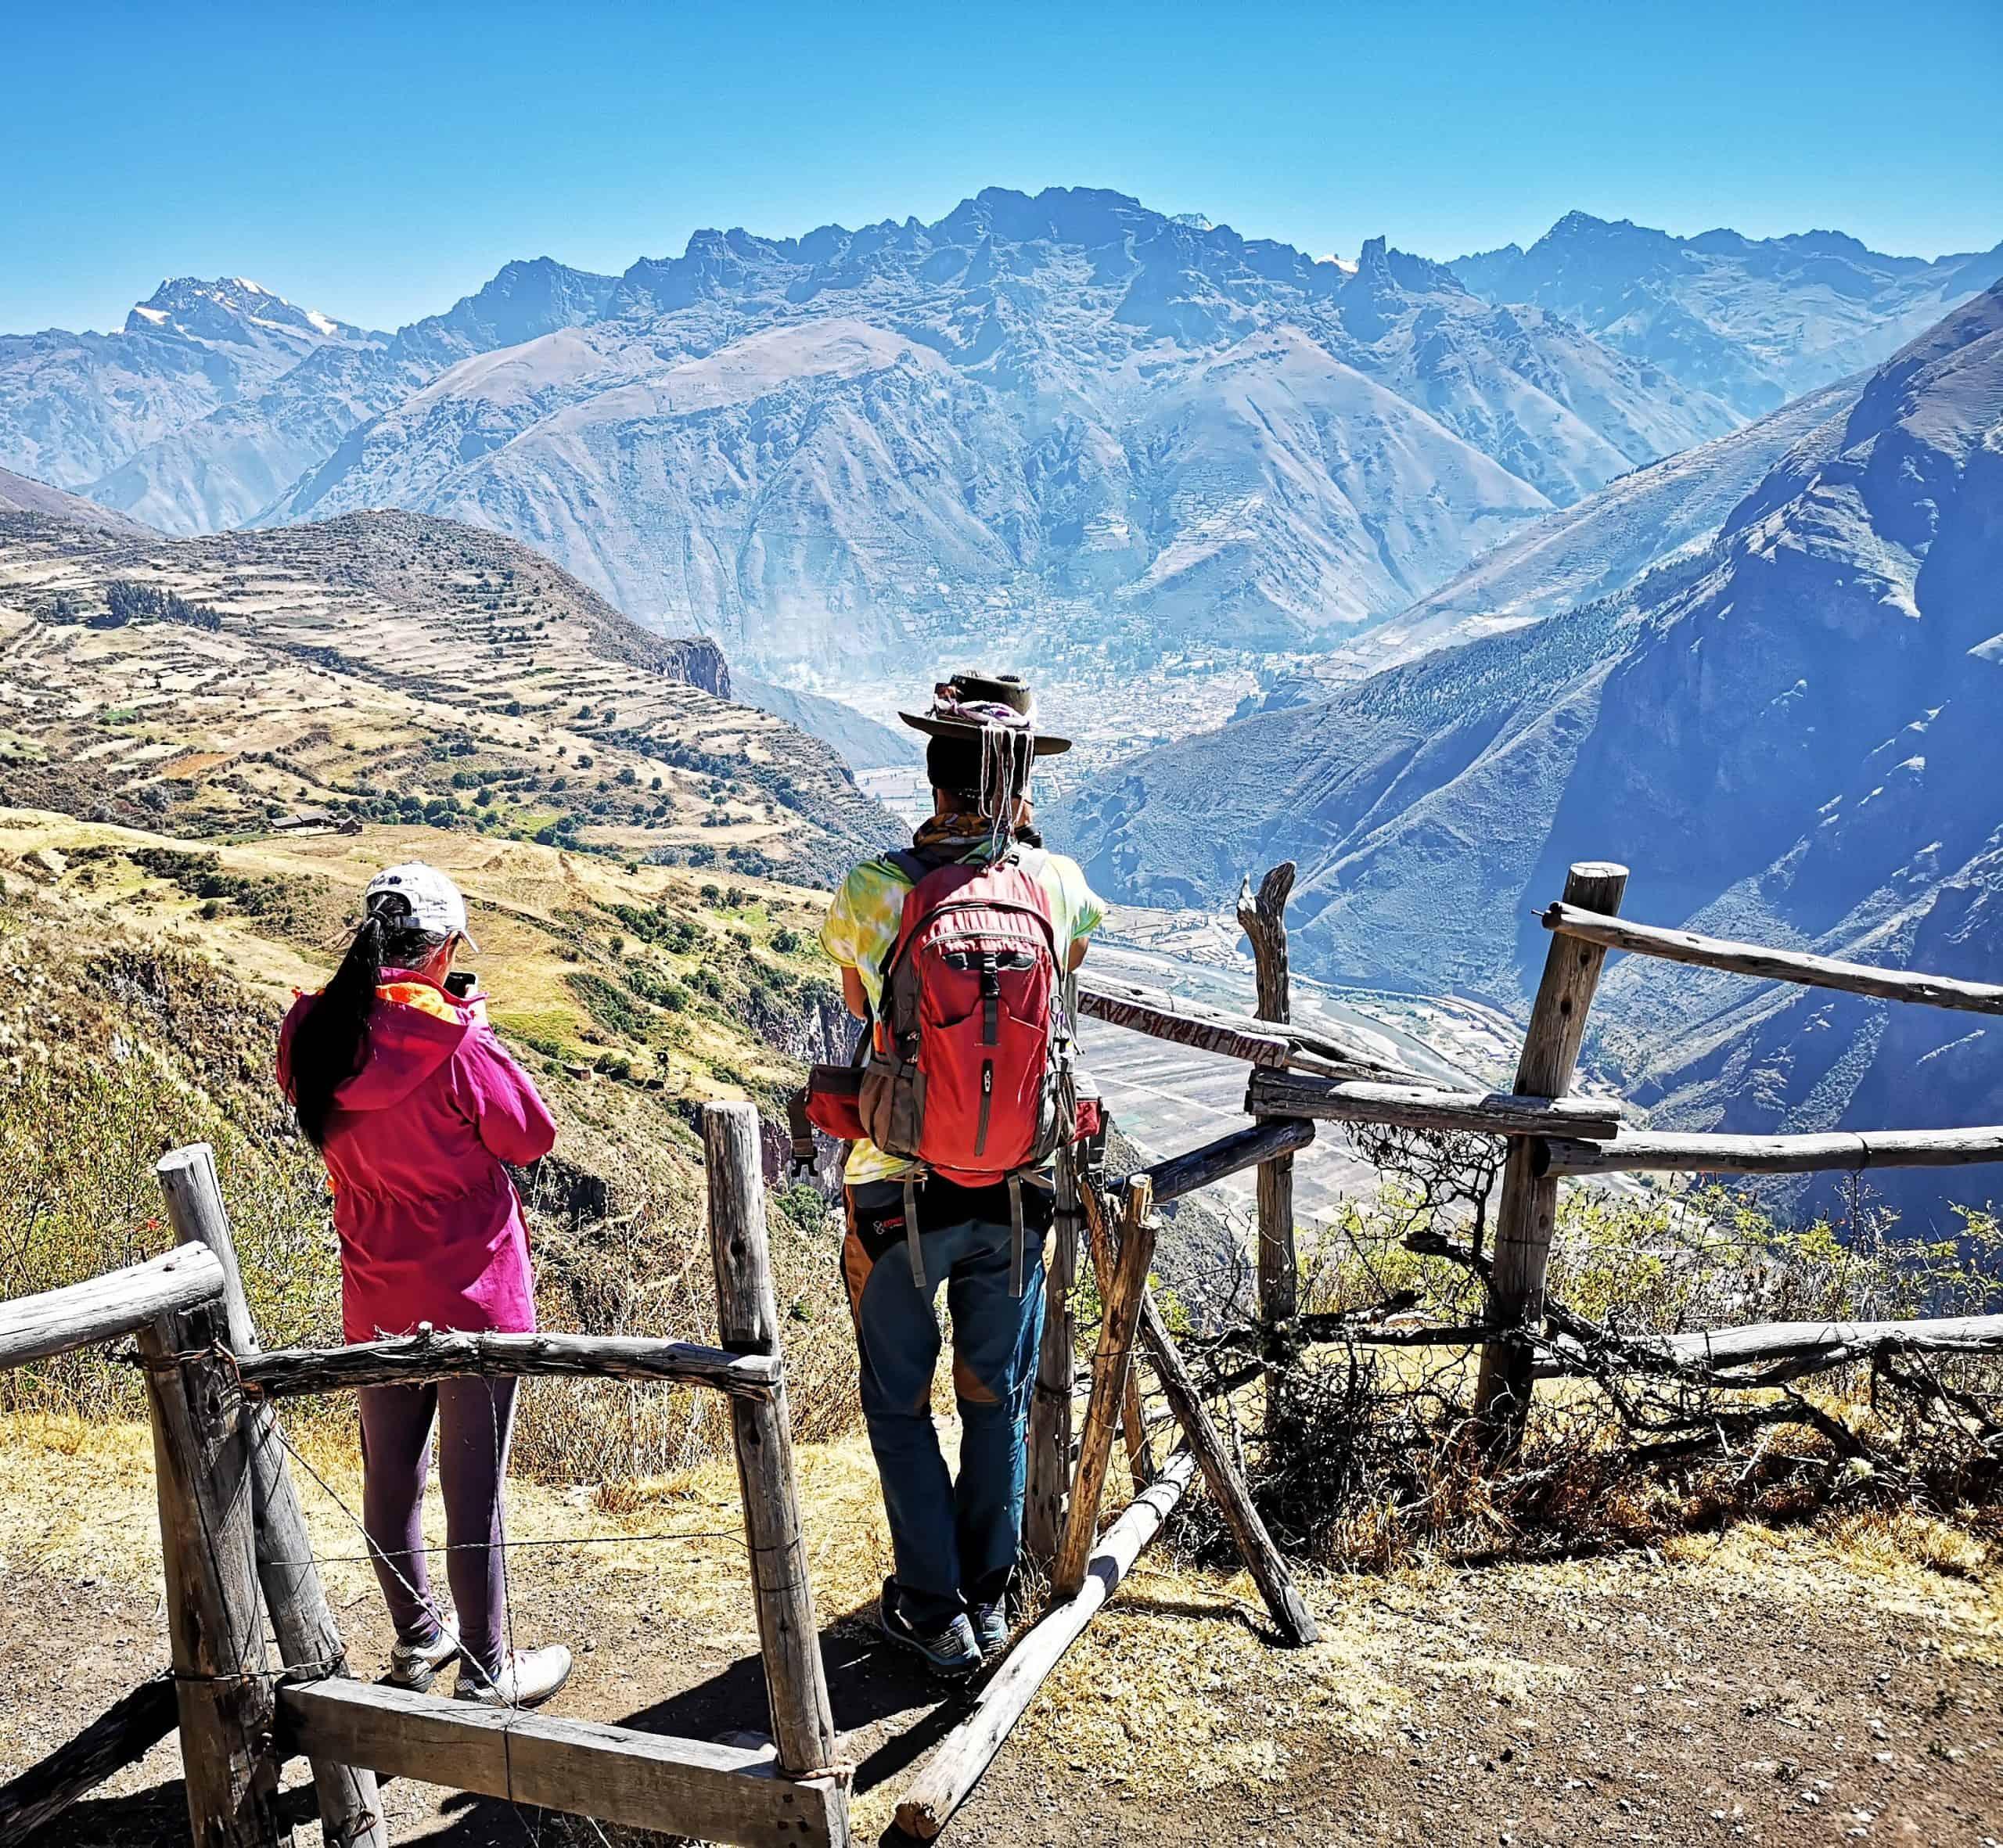 Zapachy i smaki Peru z andyjskimi widokami, inkaskimi ruinami Huchuy Qosqo